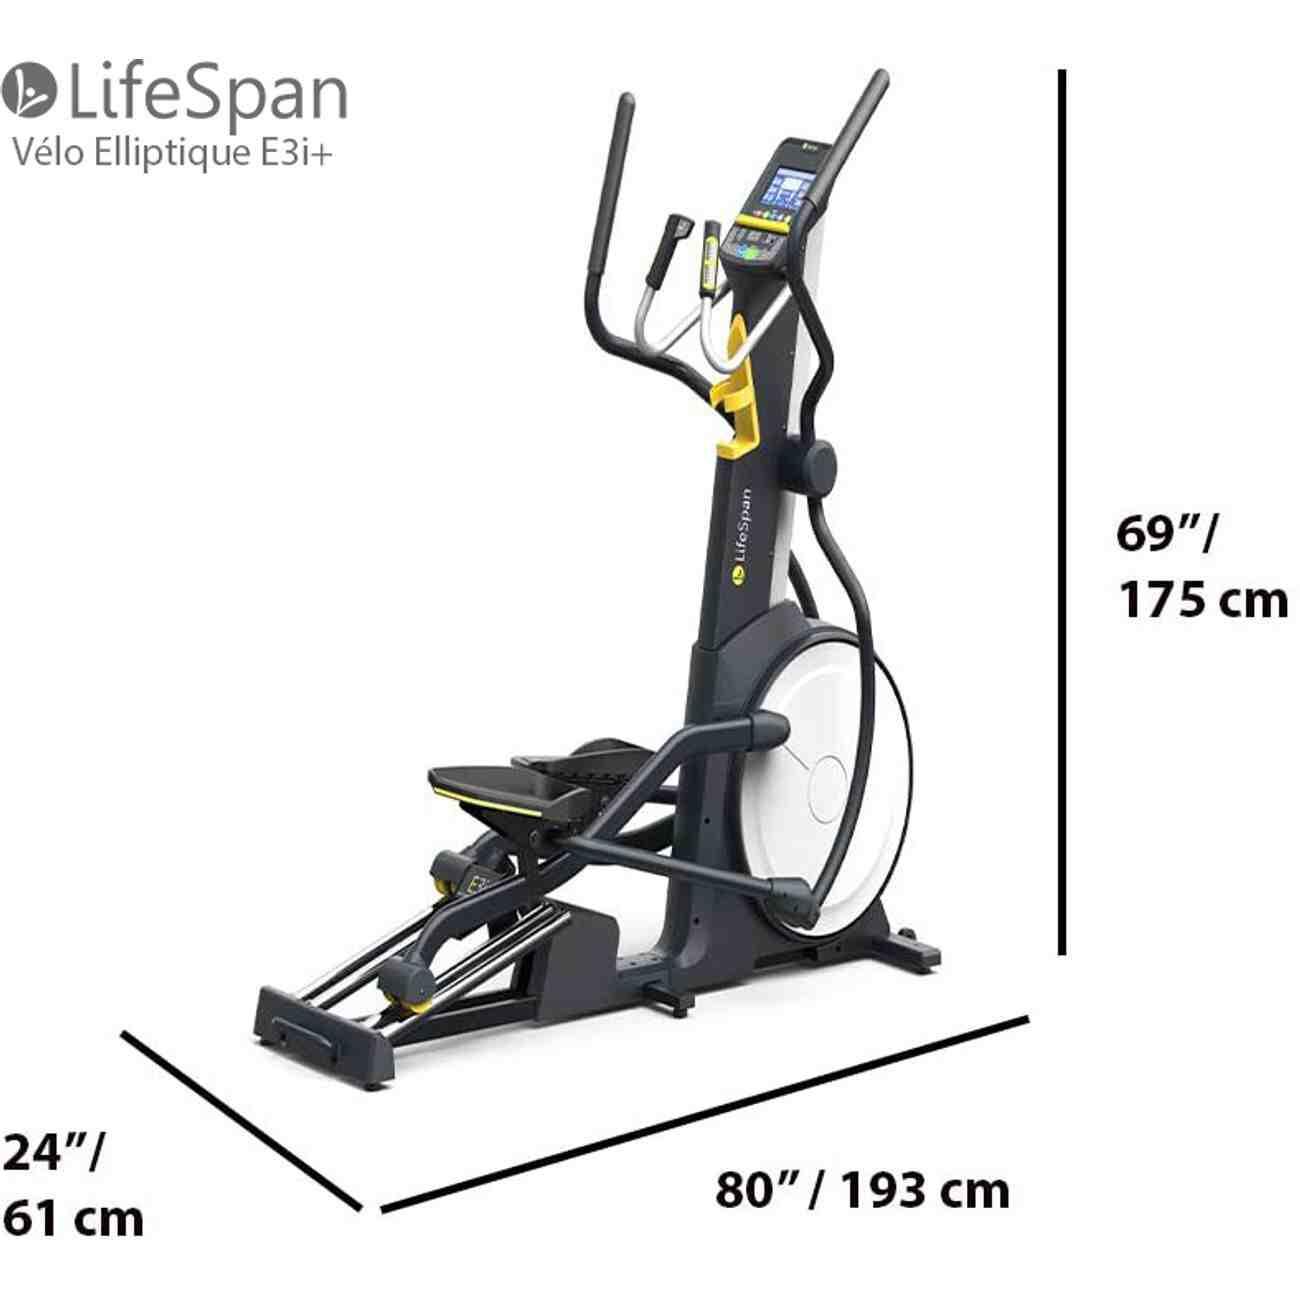 Qu'est-ce qui frappe pour un vélo elliptique?